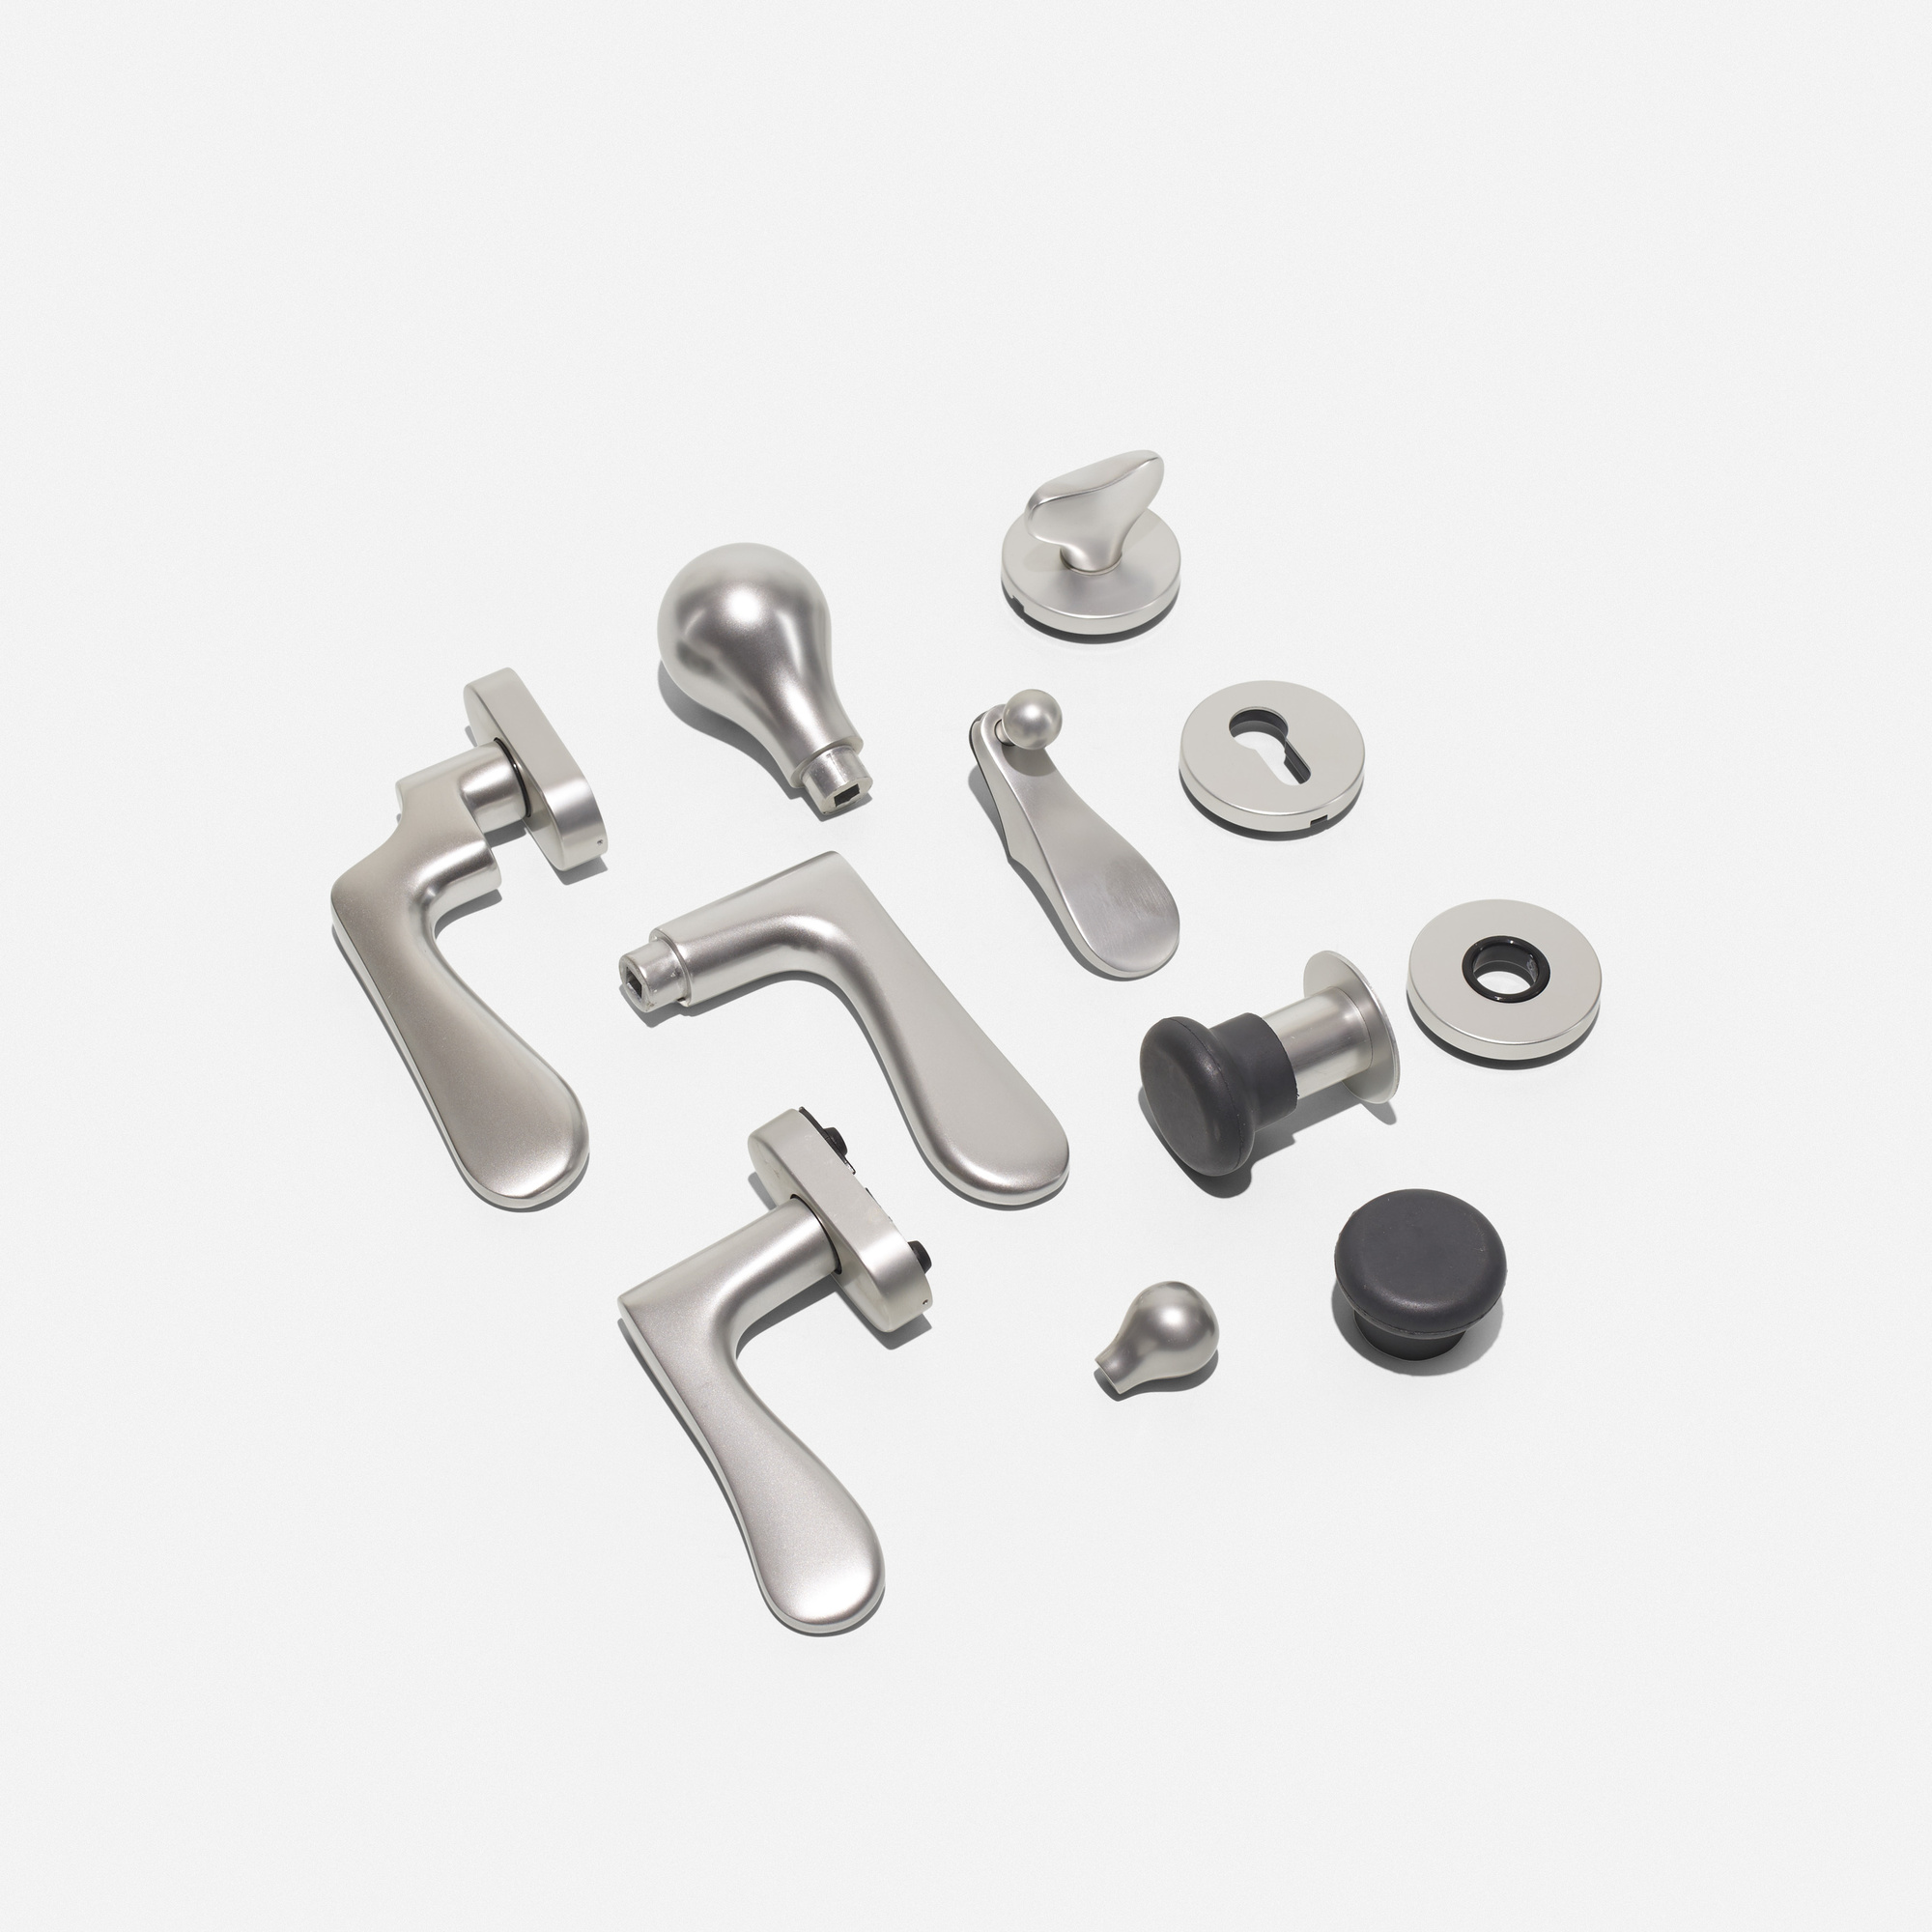 379: Jasper Morrison / door hardware set (1 of 4)